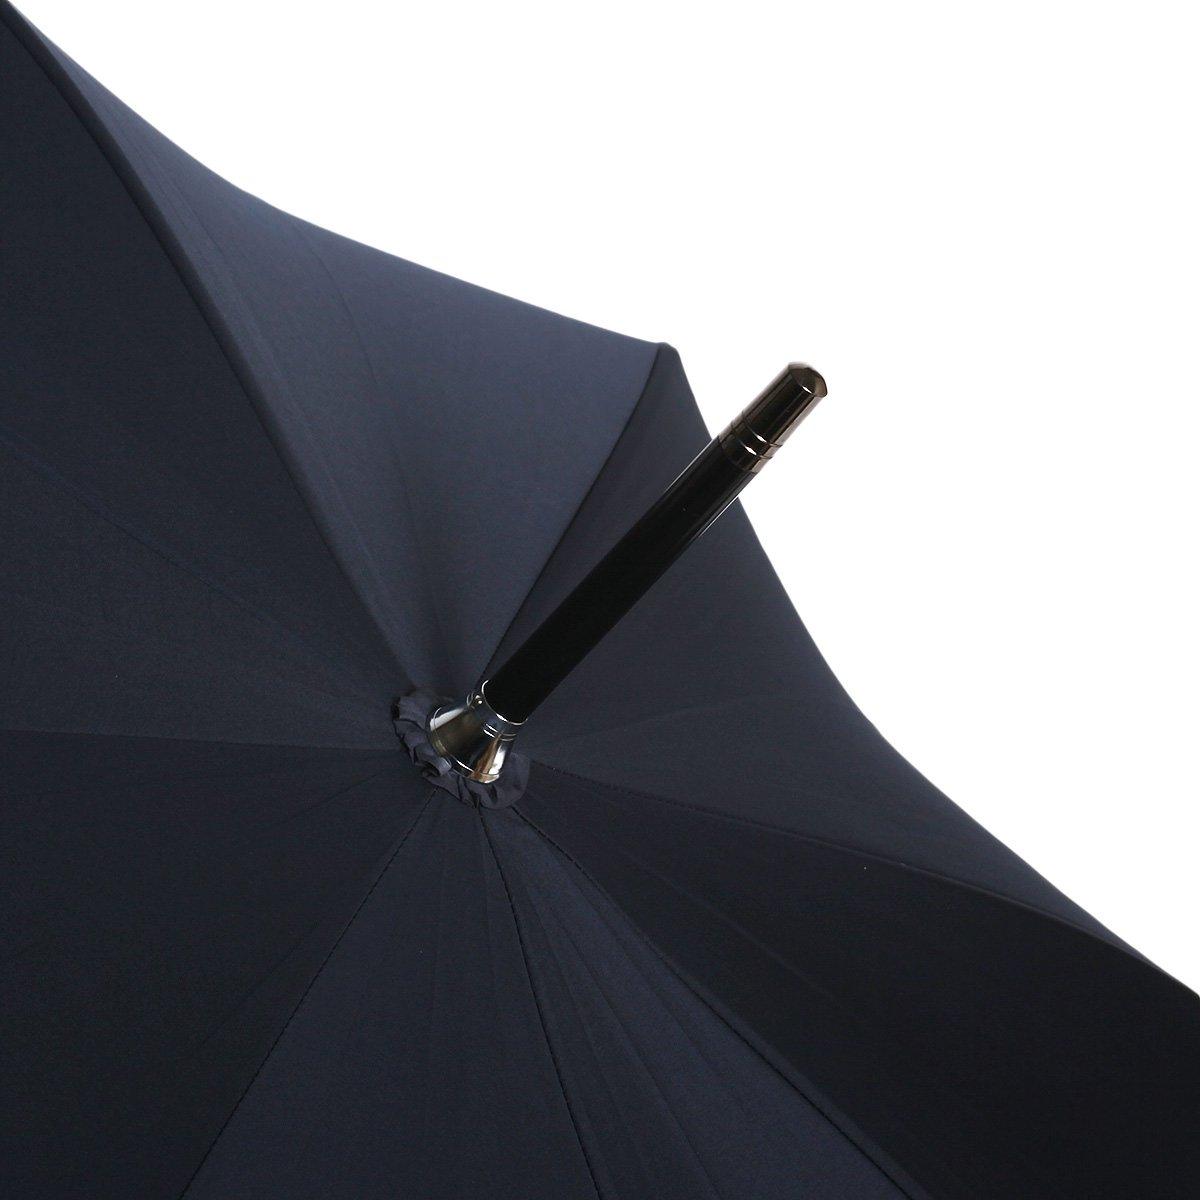 強力撥水 レインドロップ レクタス 大判 長傘 詳細画像12